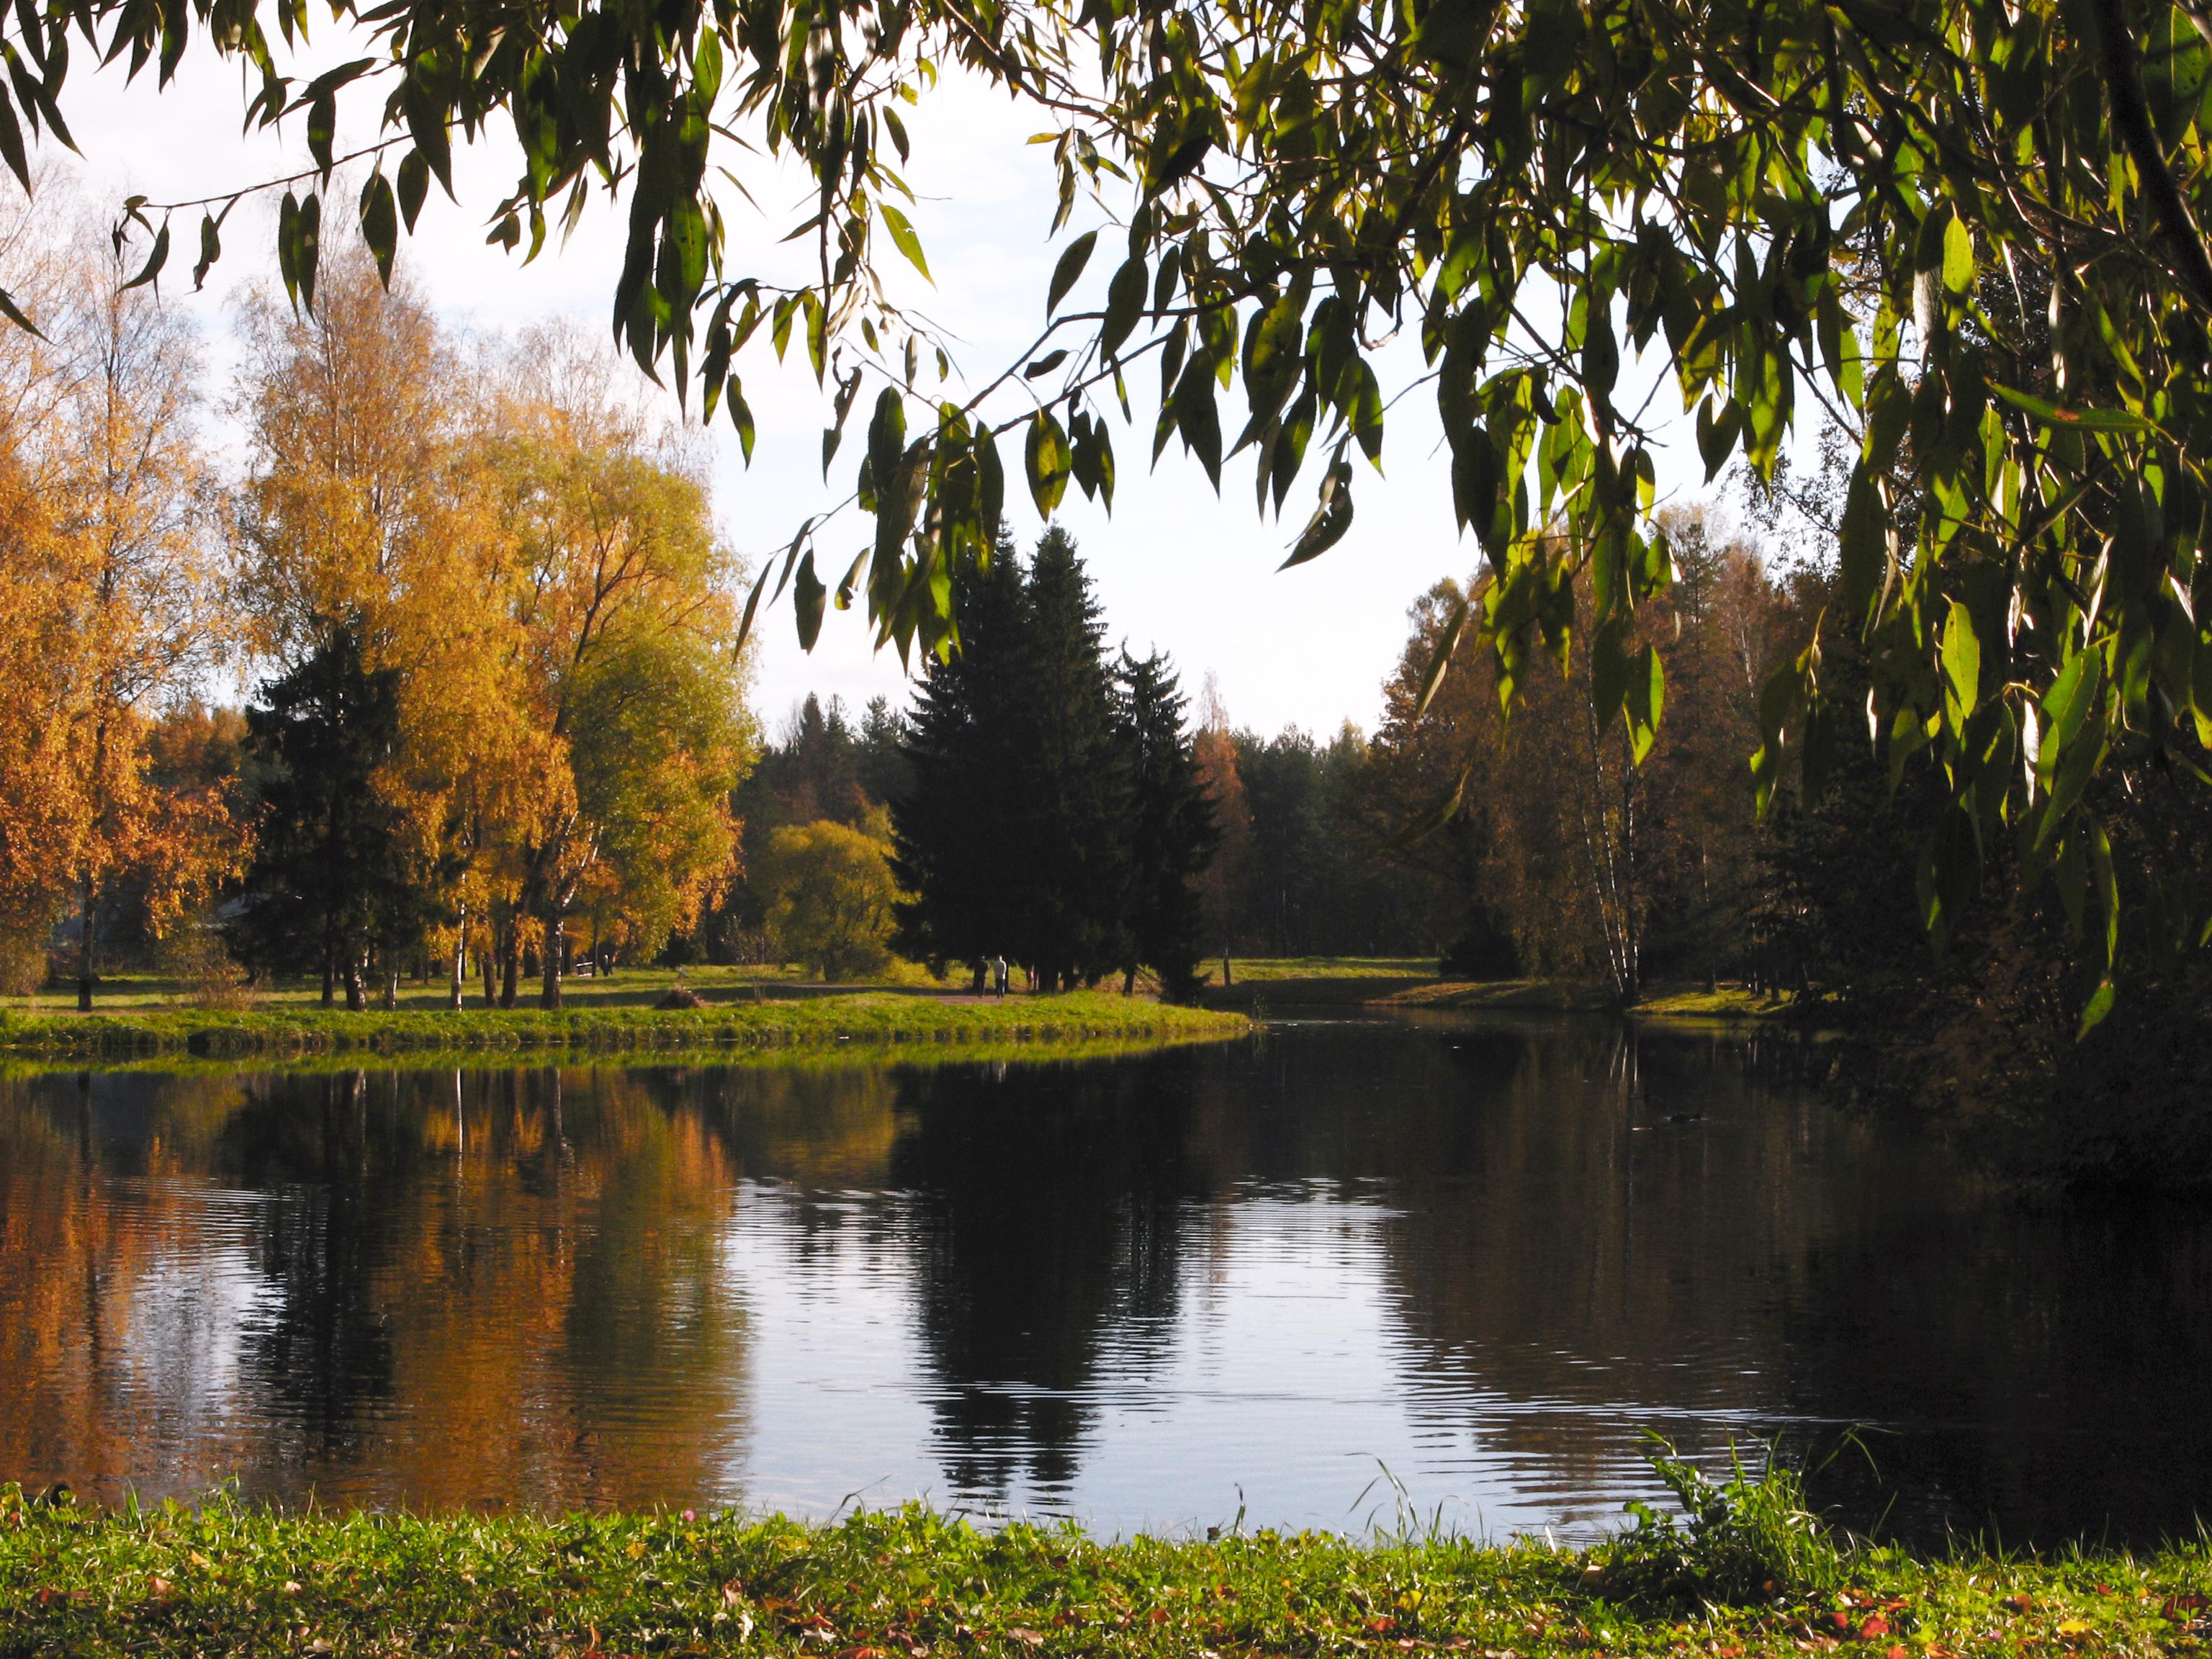 ТОП-4 направлений для отдыха осенью